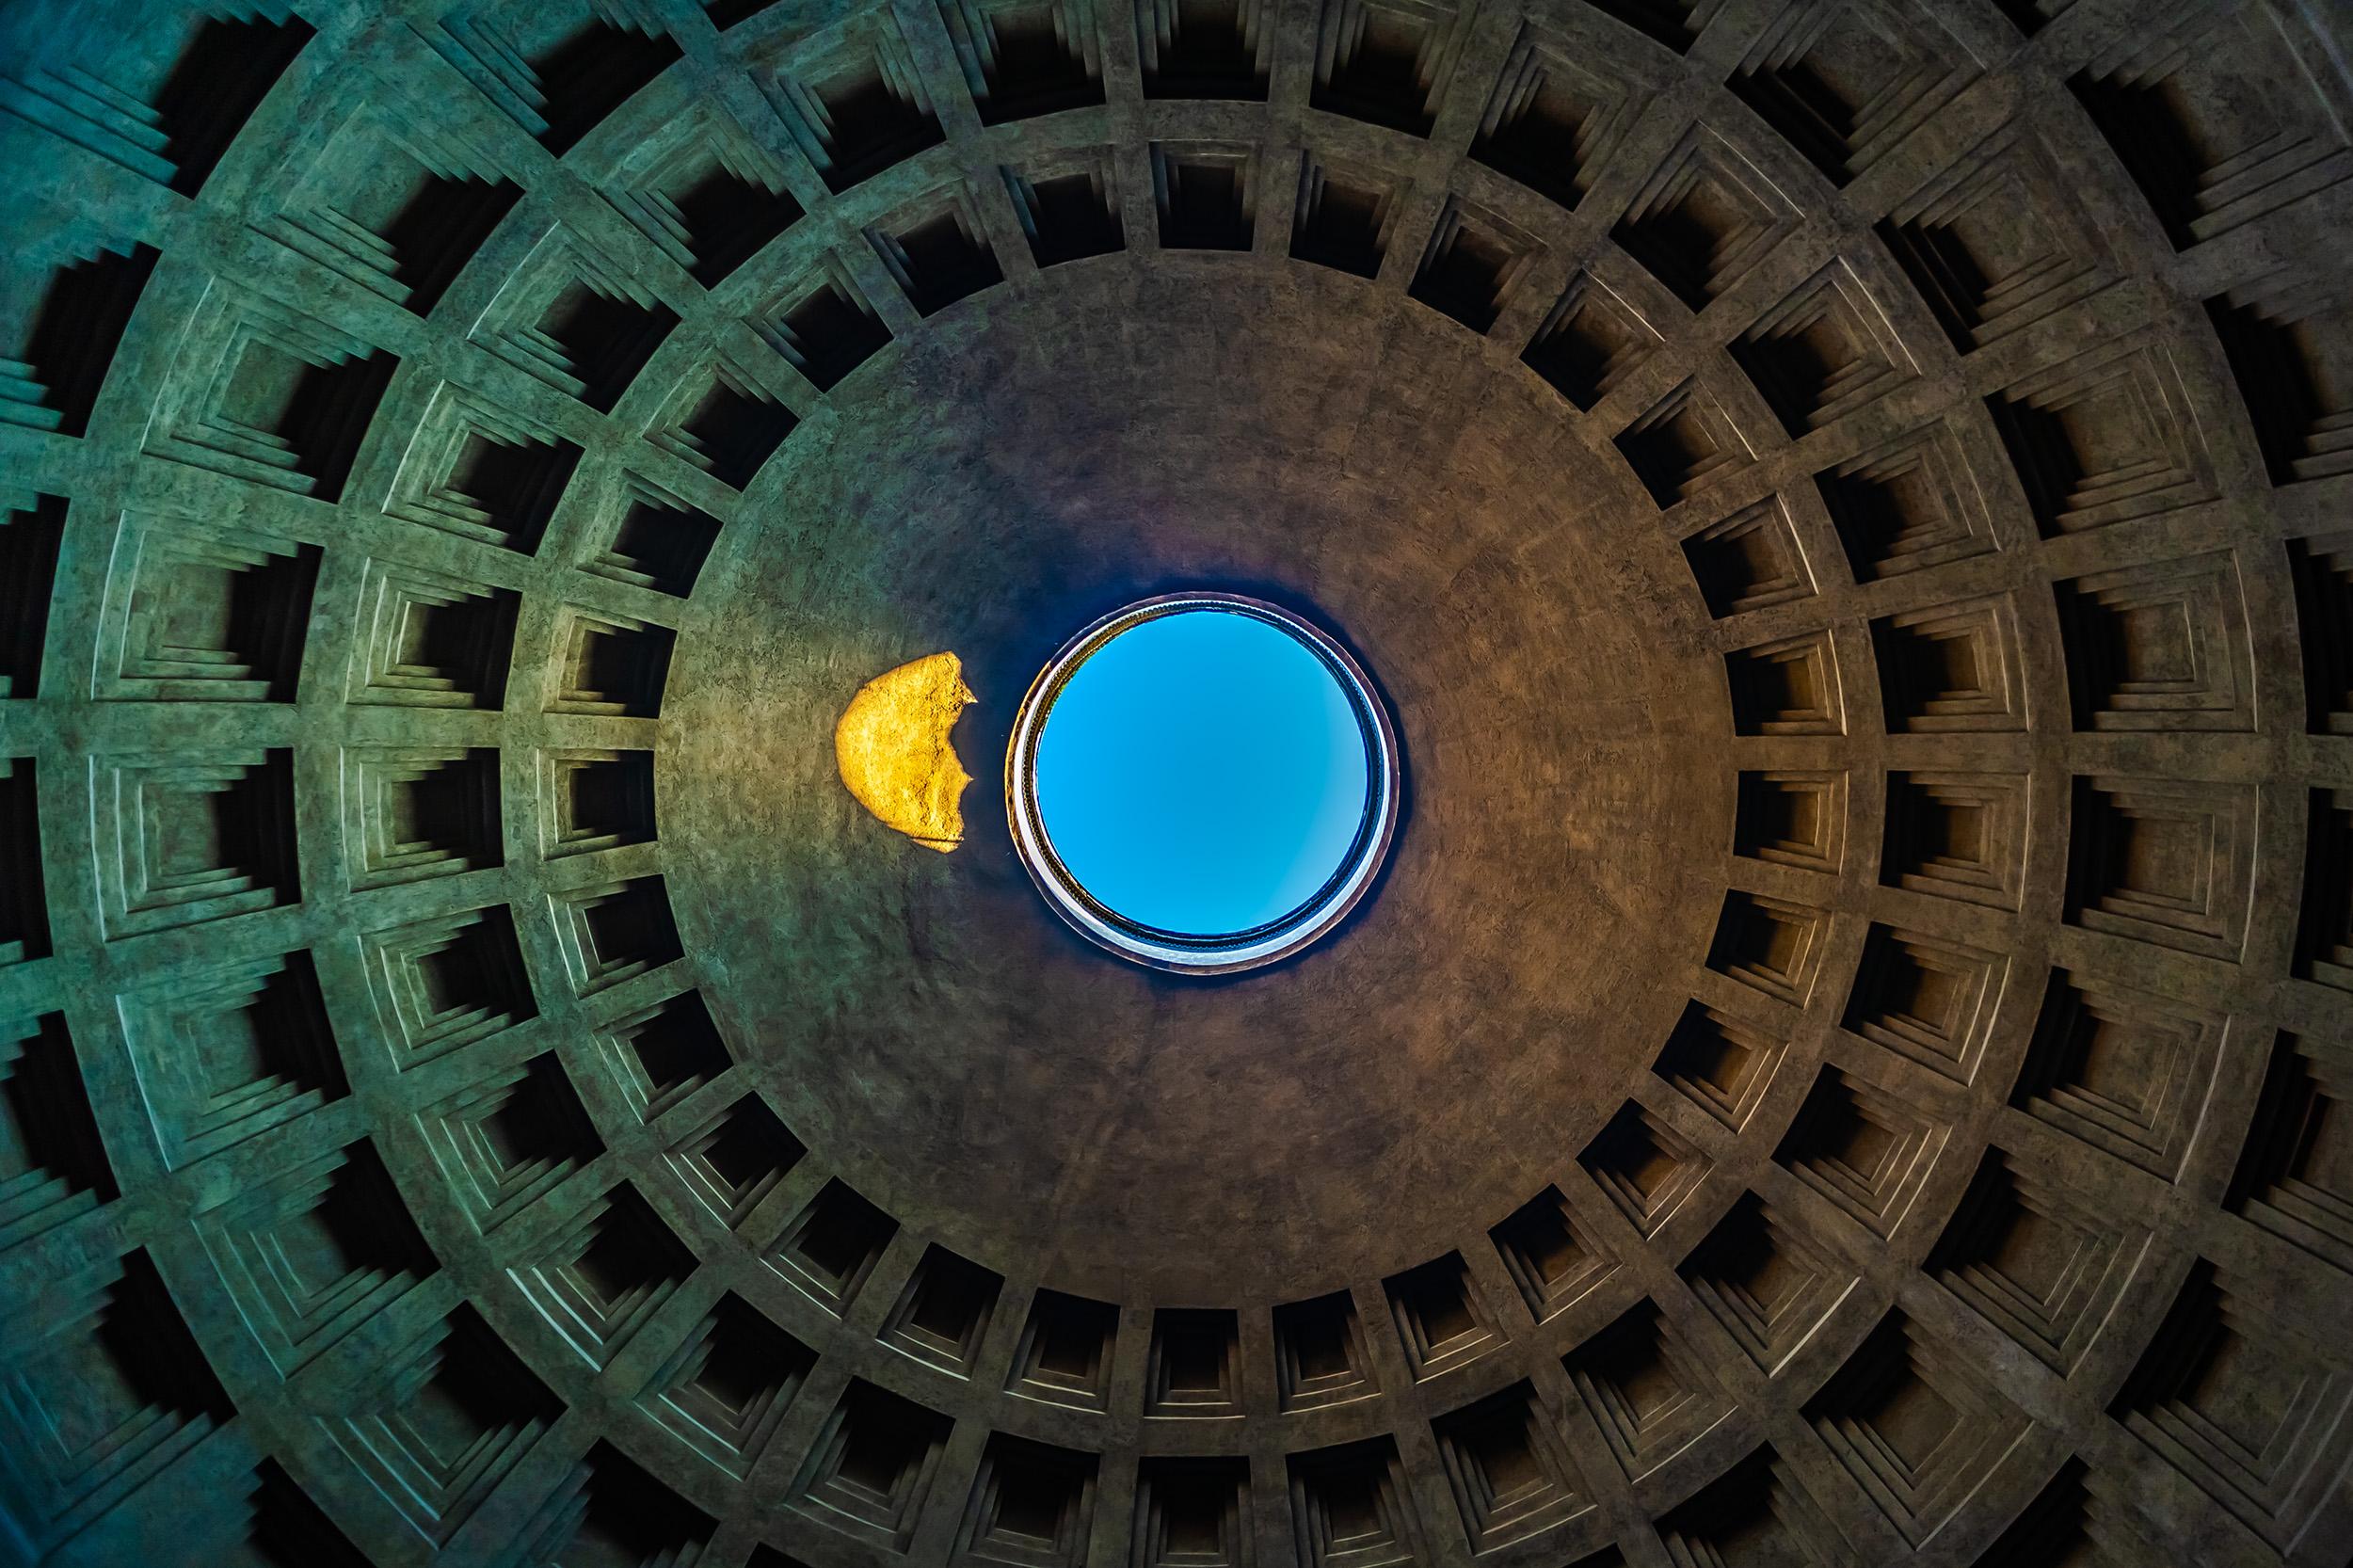 2012 • Rome, Italy